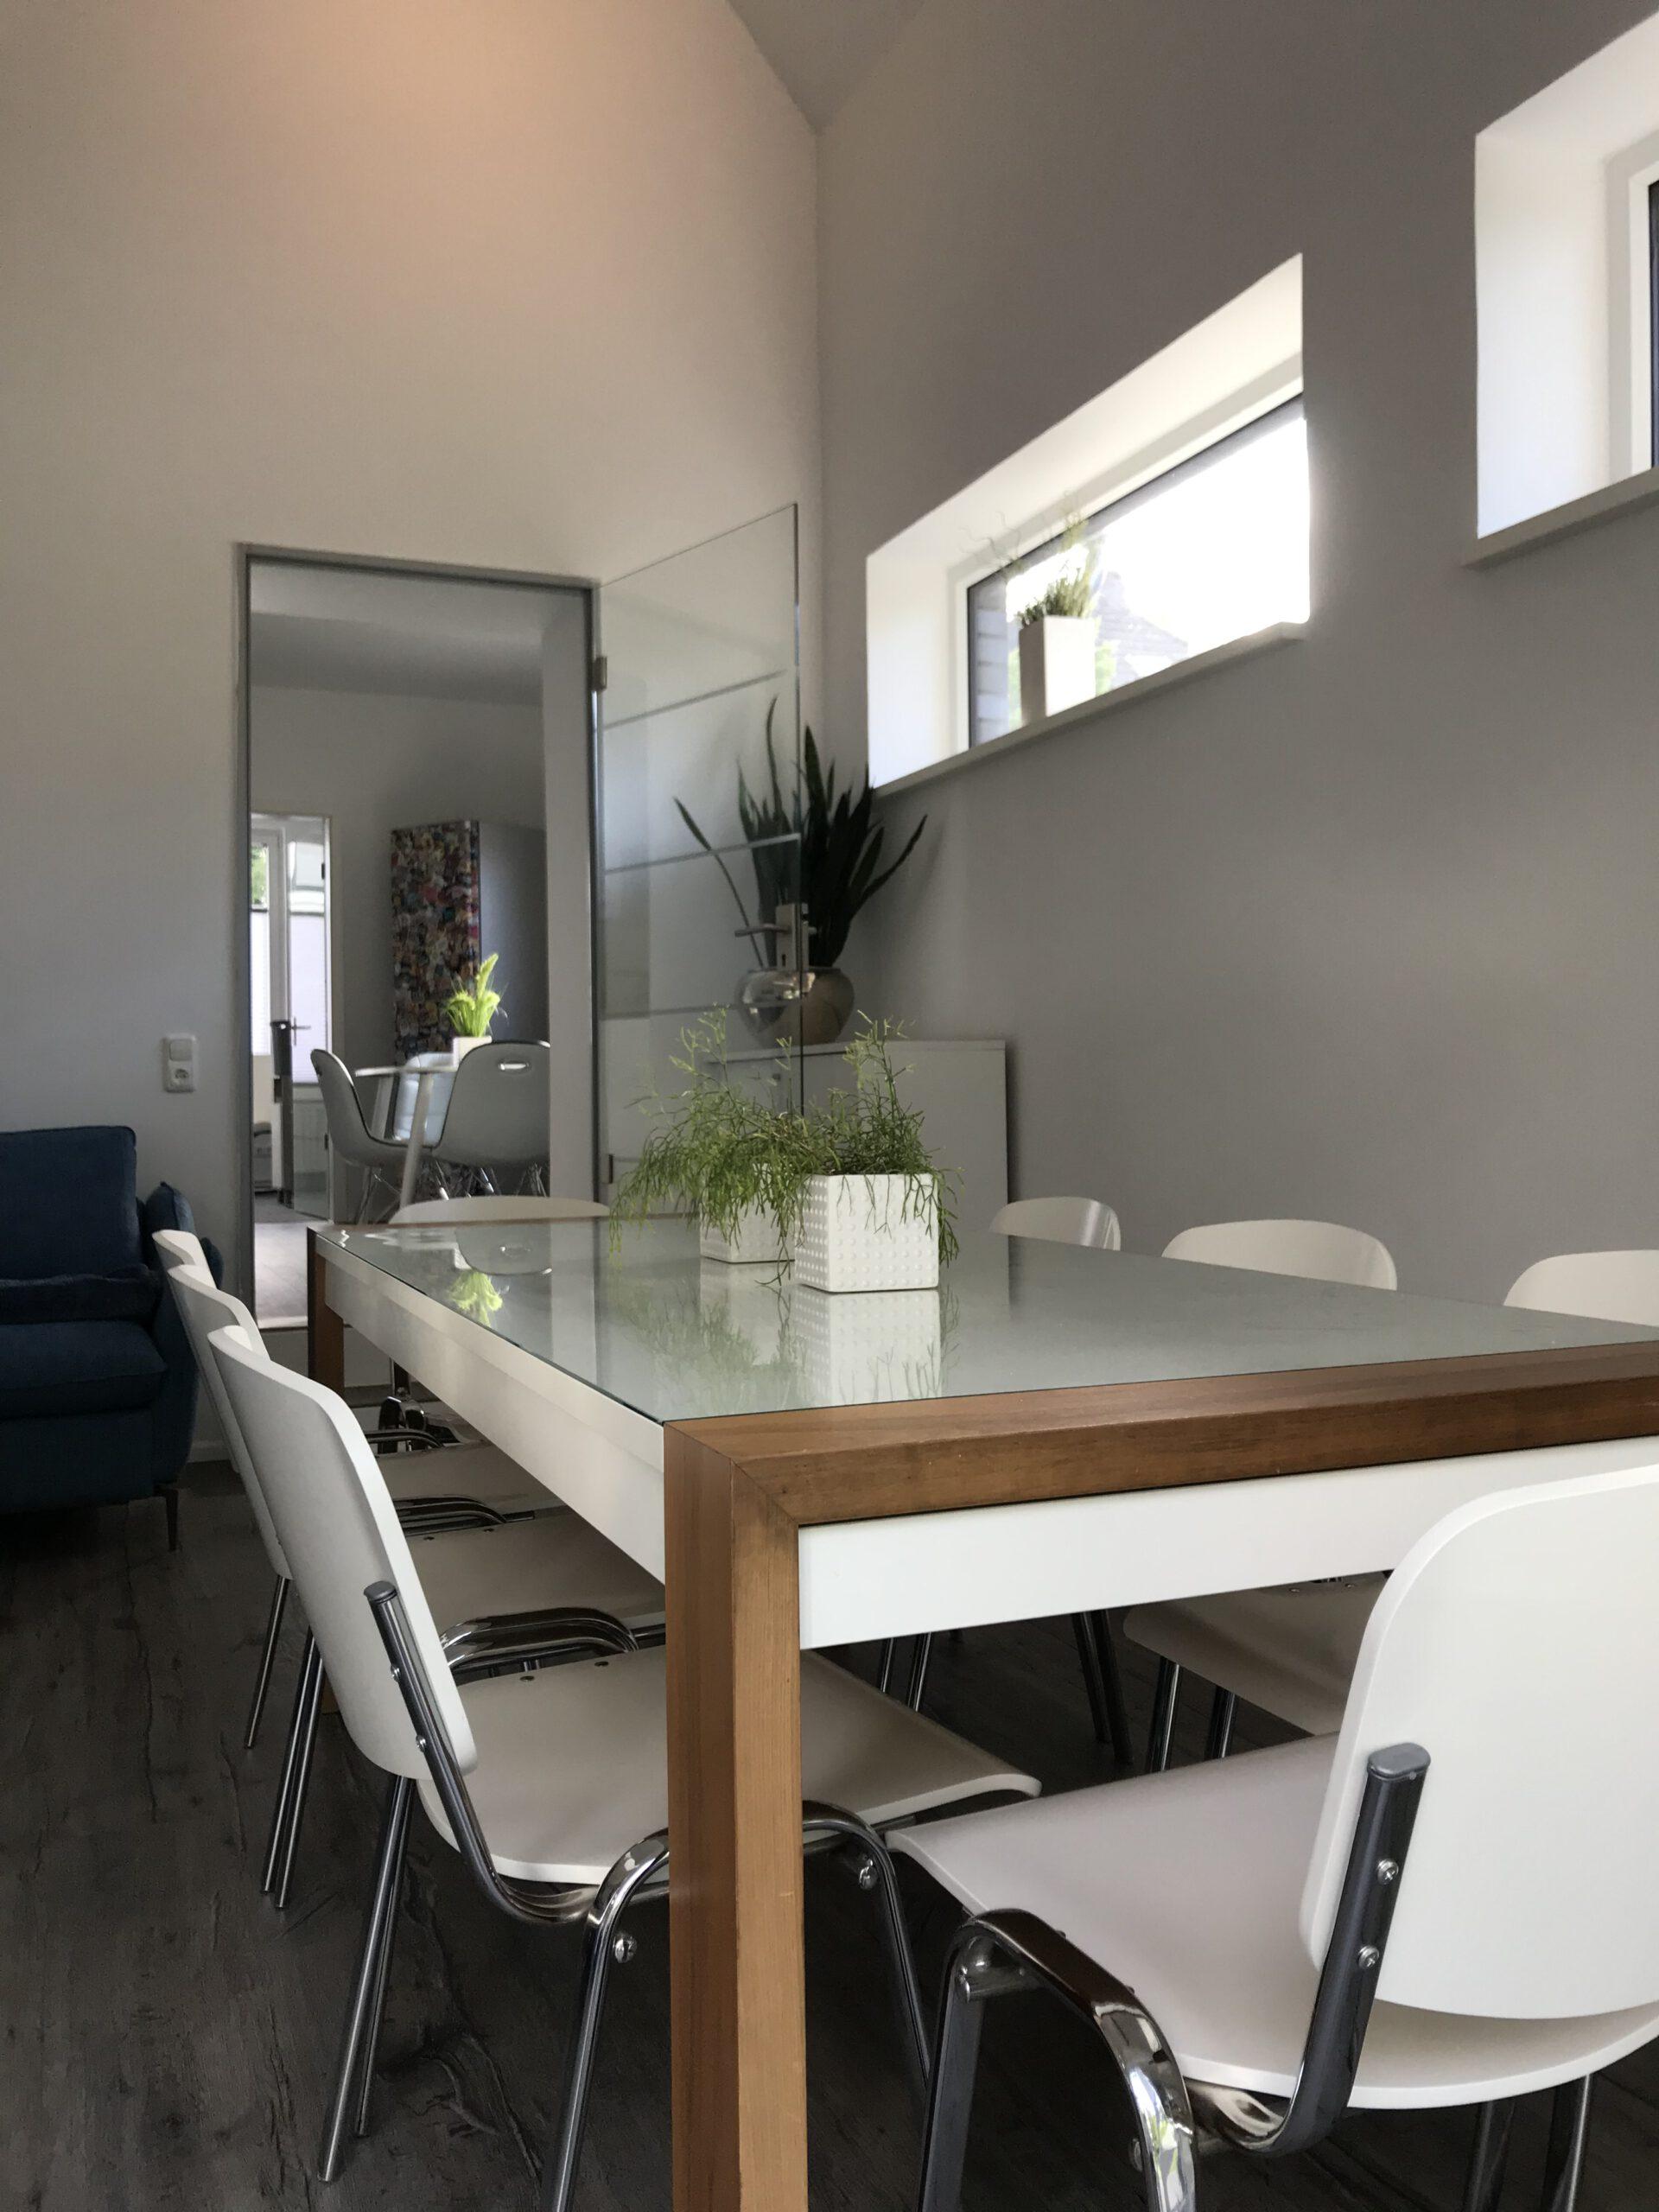 Blick vom Ess-und Wohnbereich zur Küche